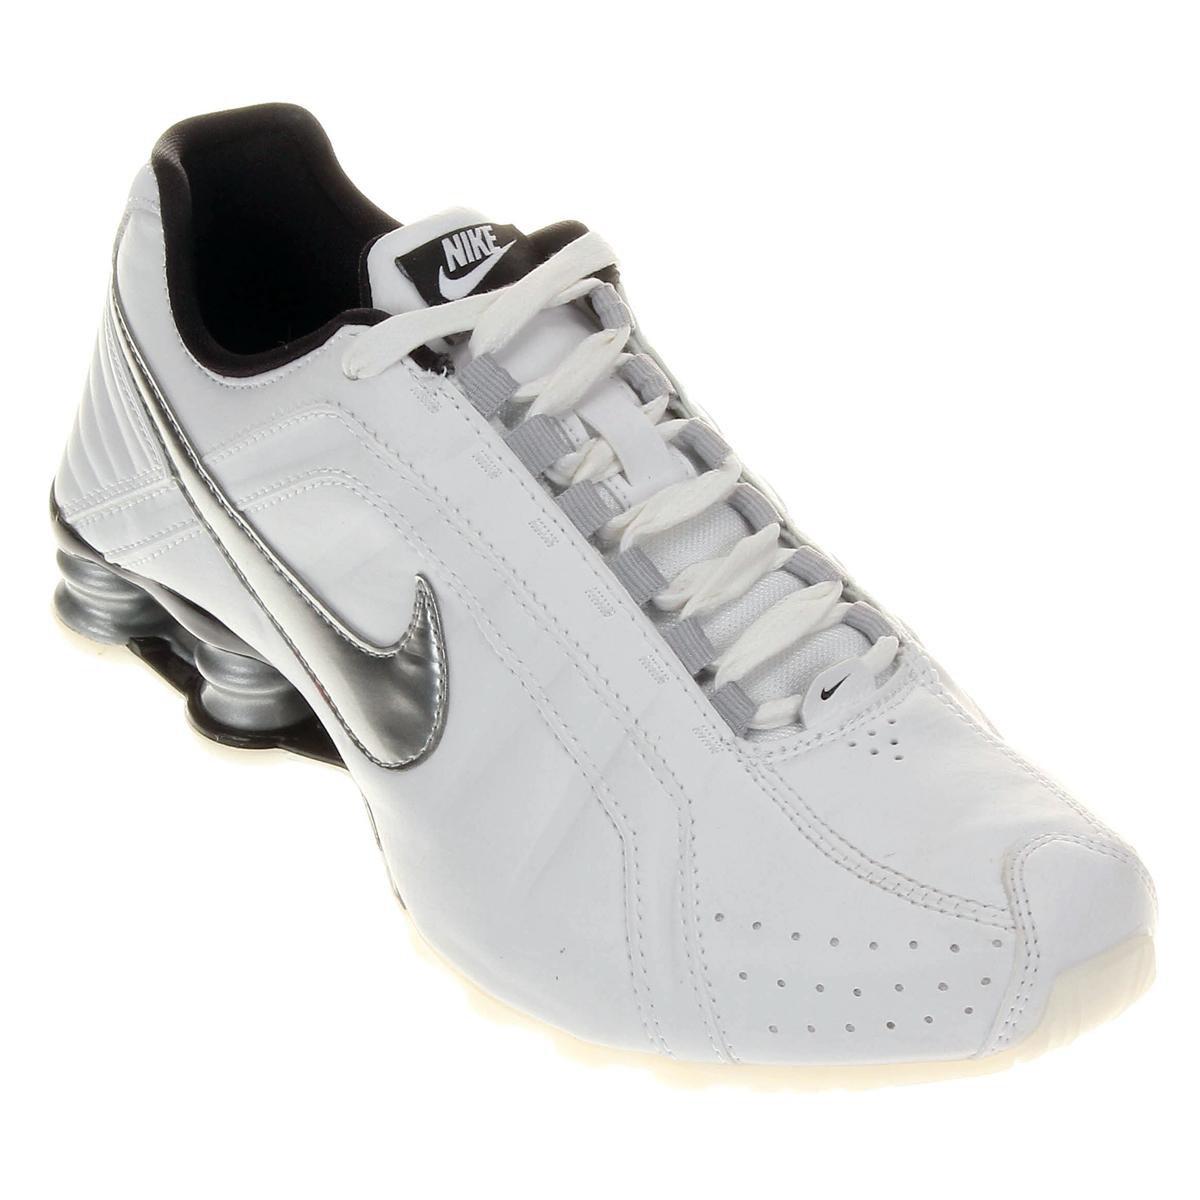 7fe2b47384d ... free shipping o produto tênis nike shox junior prata e branco acabou.  ce6da 17fbd